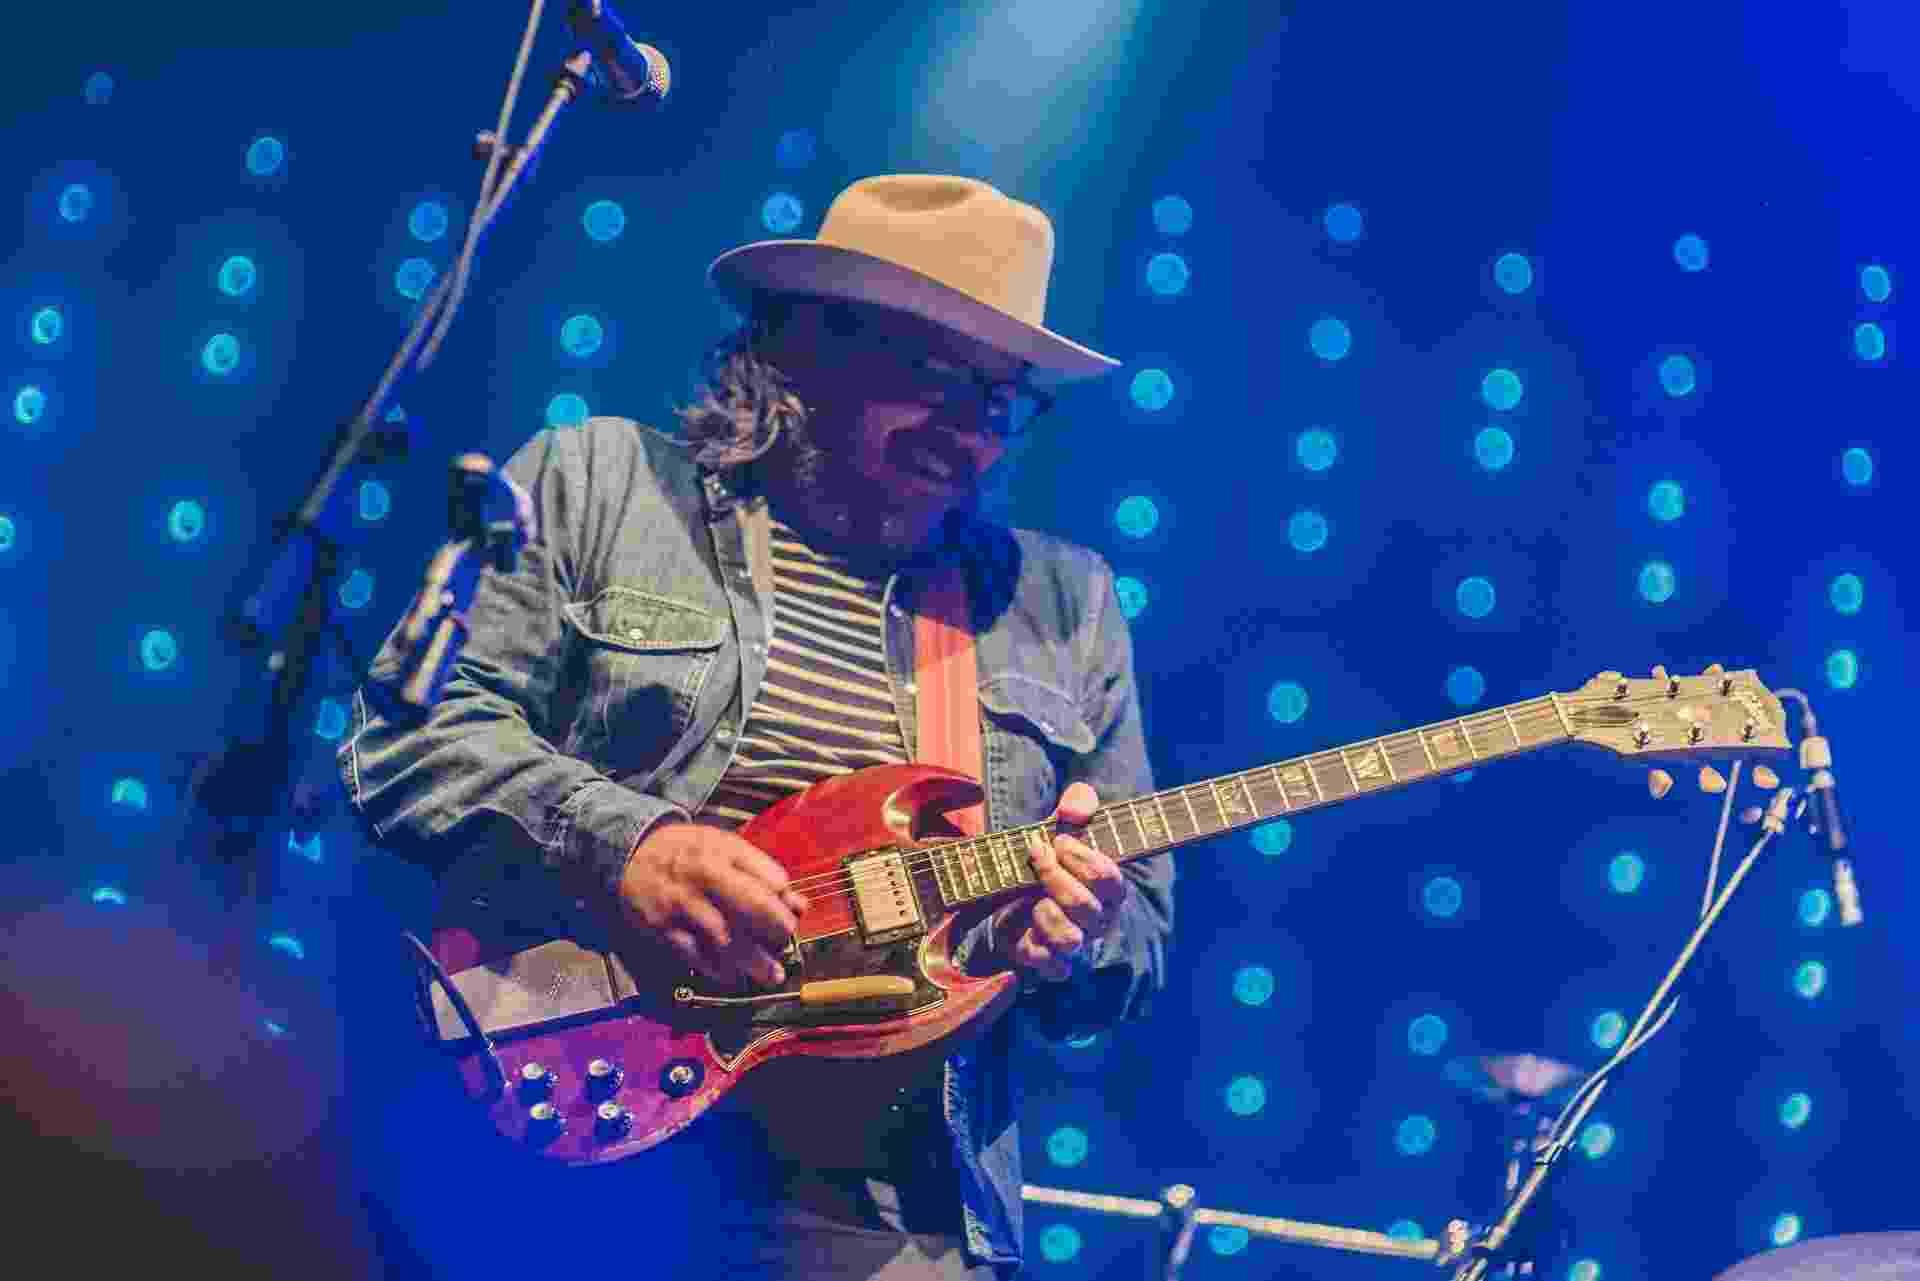 6.out.2016 - Ícones do rock alternativo, o Wilco se apresentou nesta quinta-feira no Circo Voador, no Rio de Janeiro. Esta é apenas  a apenas a segunda vez que o grupo de Chicago vem ao Rio - a outra foi há 11 anos, no Tim Festival de 2005. - Eduardo Magalhães/Divulgação